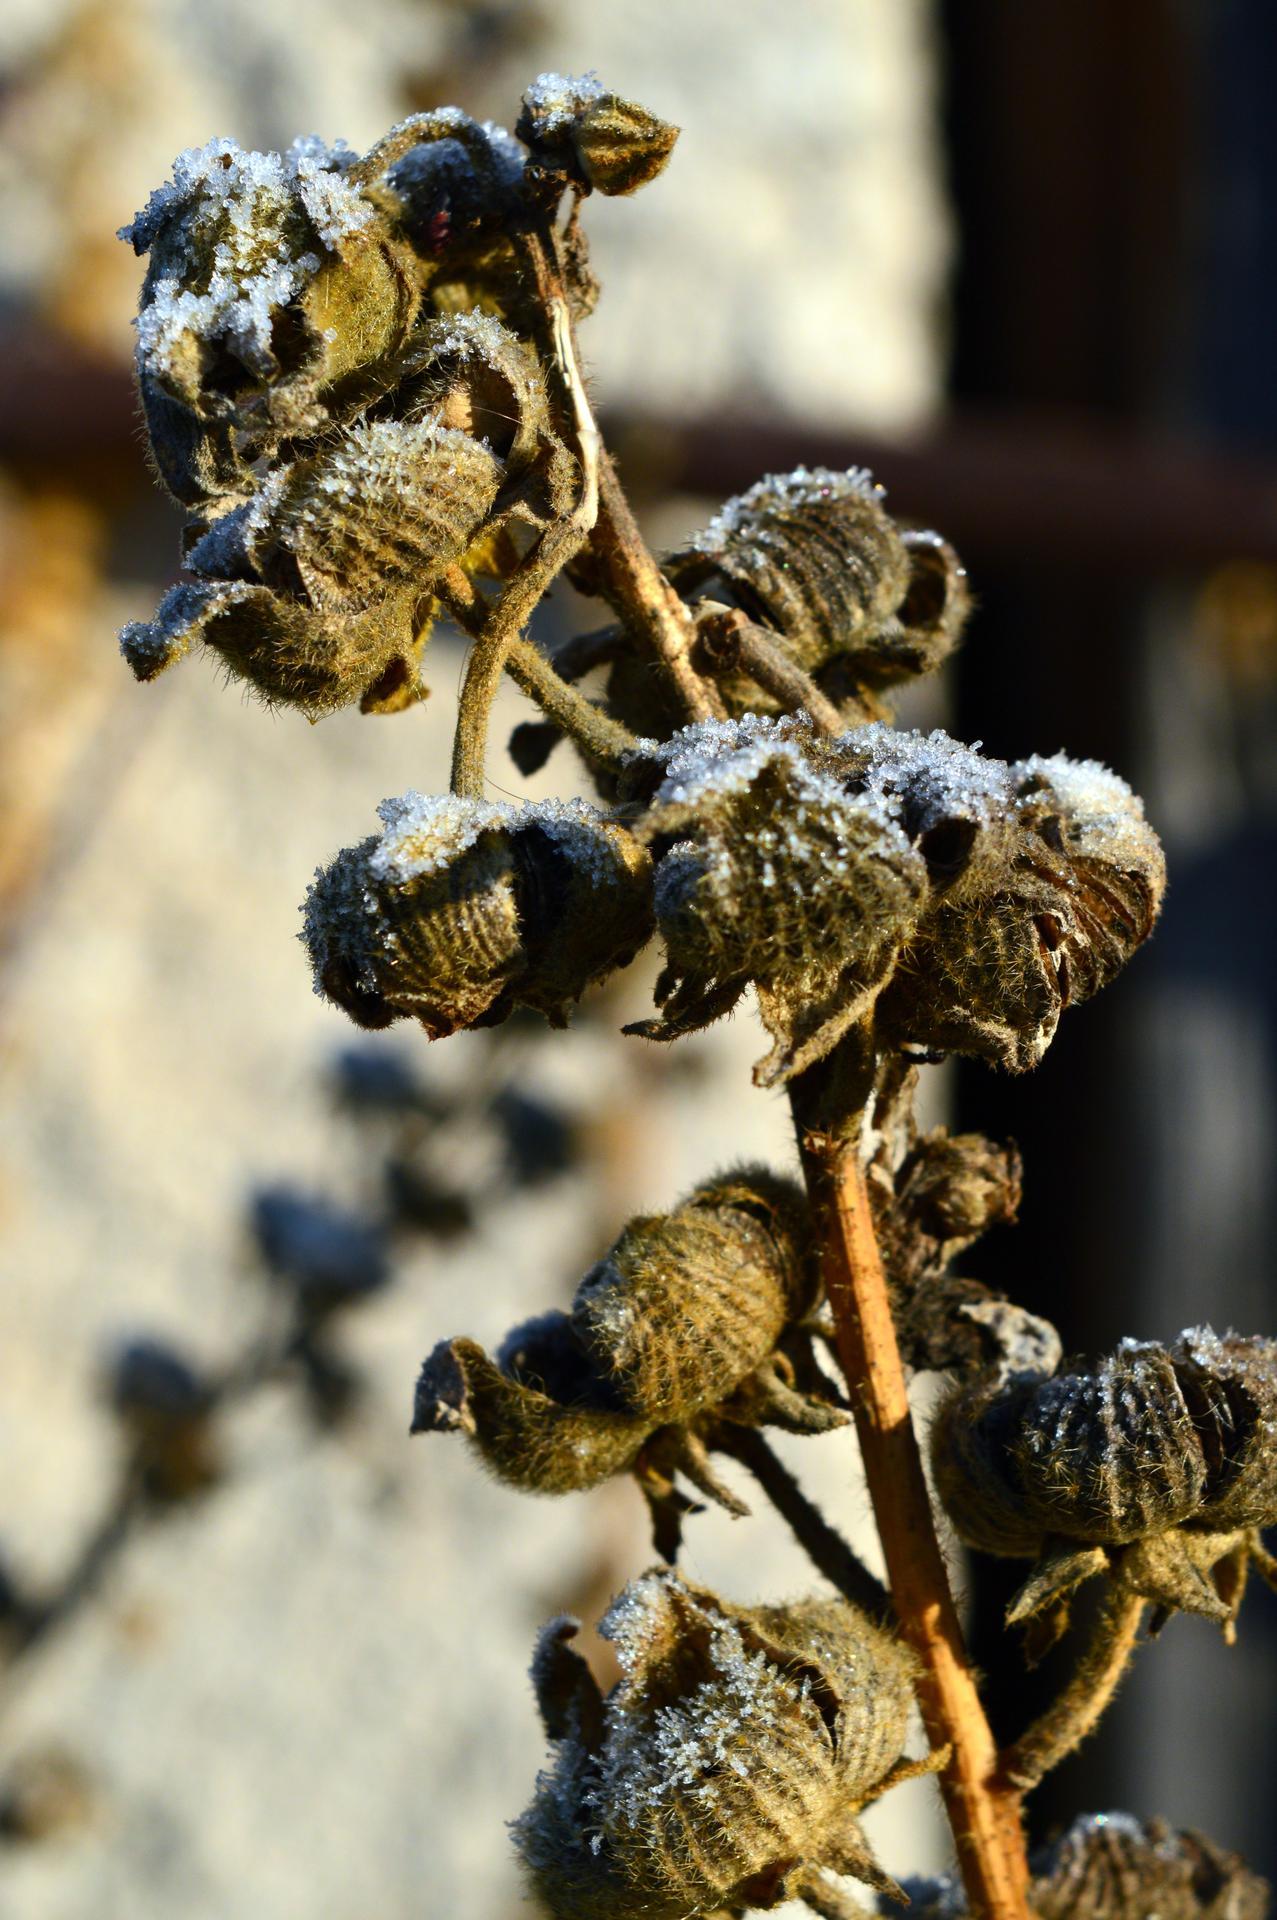 Naša prírodná perma záhradka v roku 2020 - topoľovky milujú stehlíky, tak nechávame semená